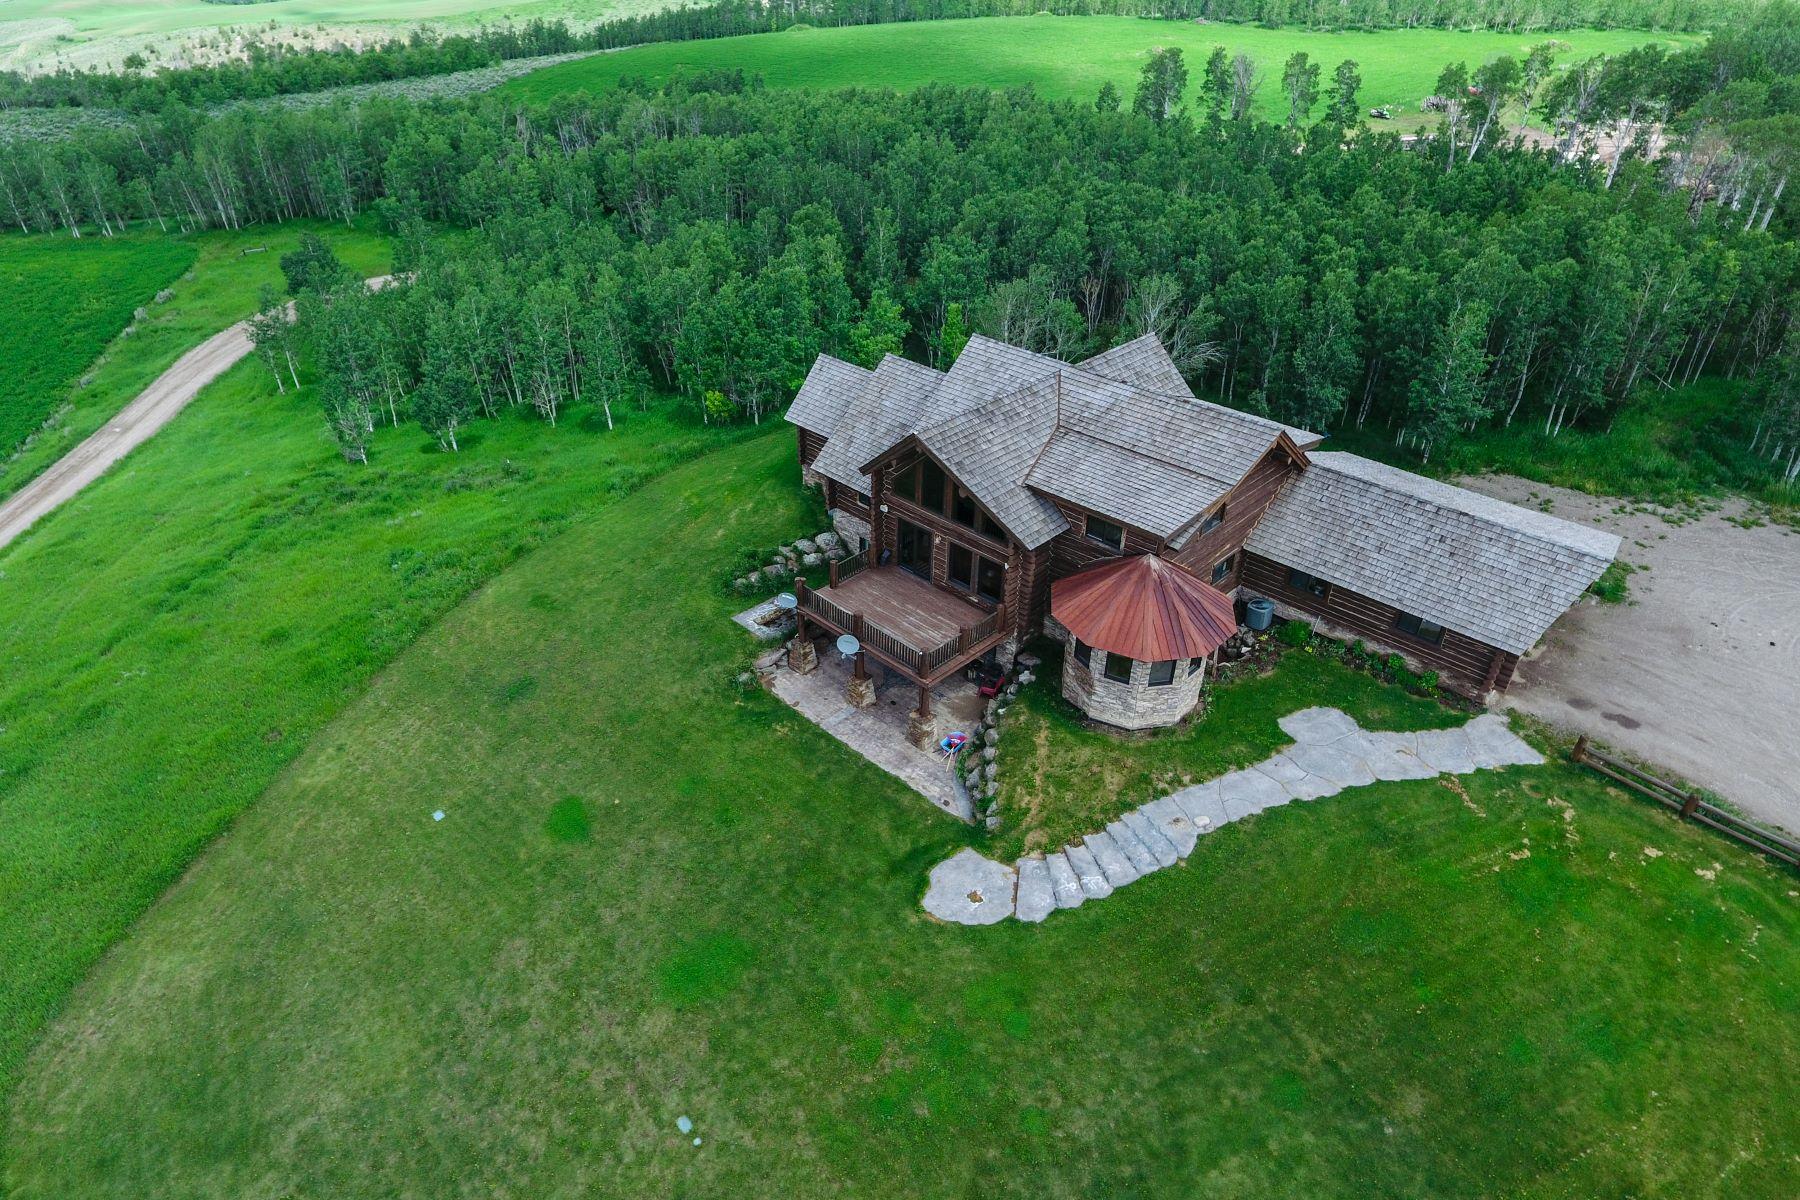 Maison unifamiliale pour l Vente à Custom Built Log Home on 120 Acres 700 N 4775 E Ashton, Idaho 83420 États-Unis